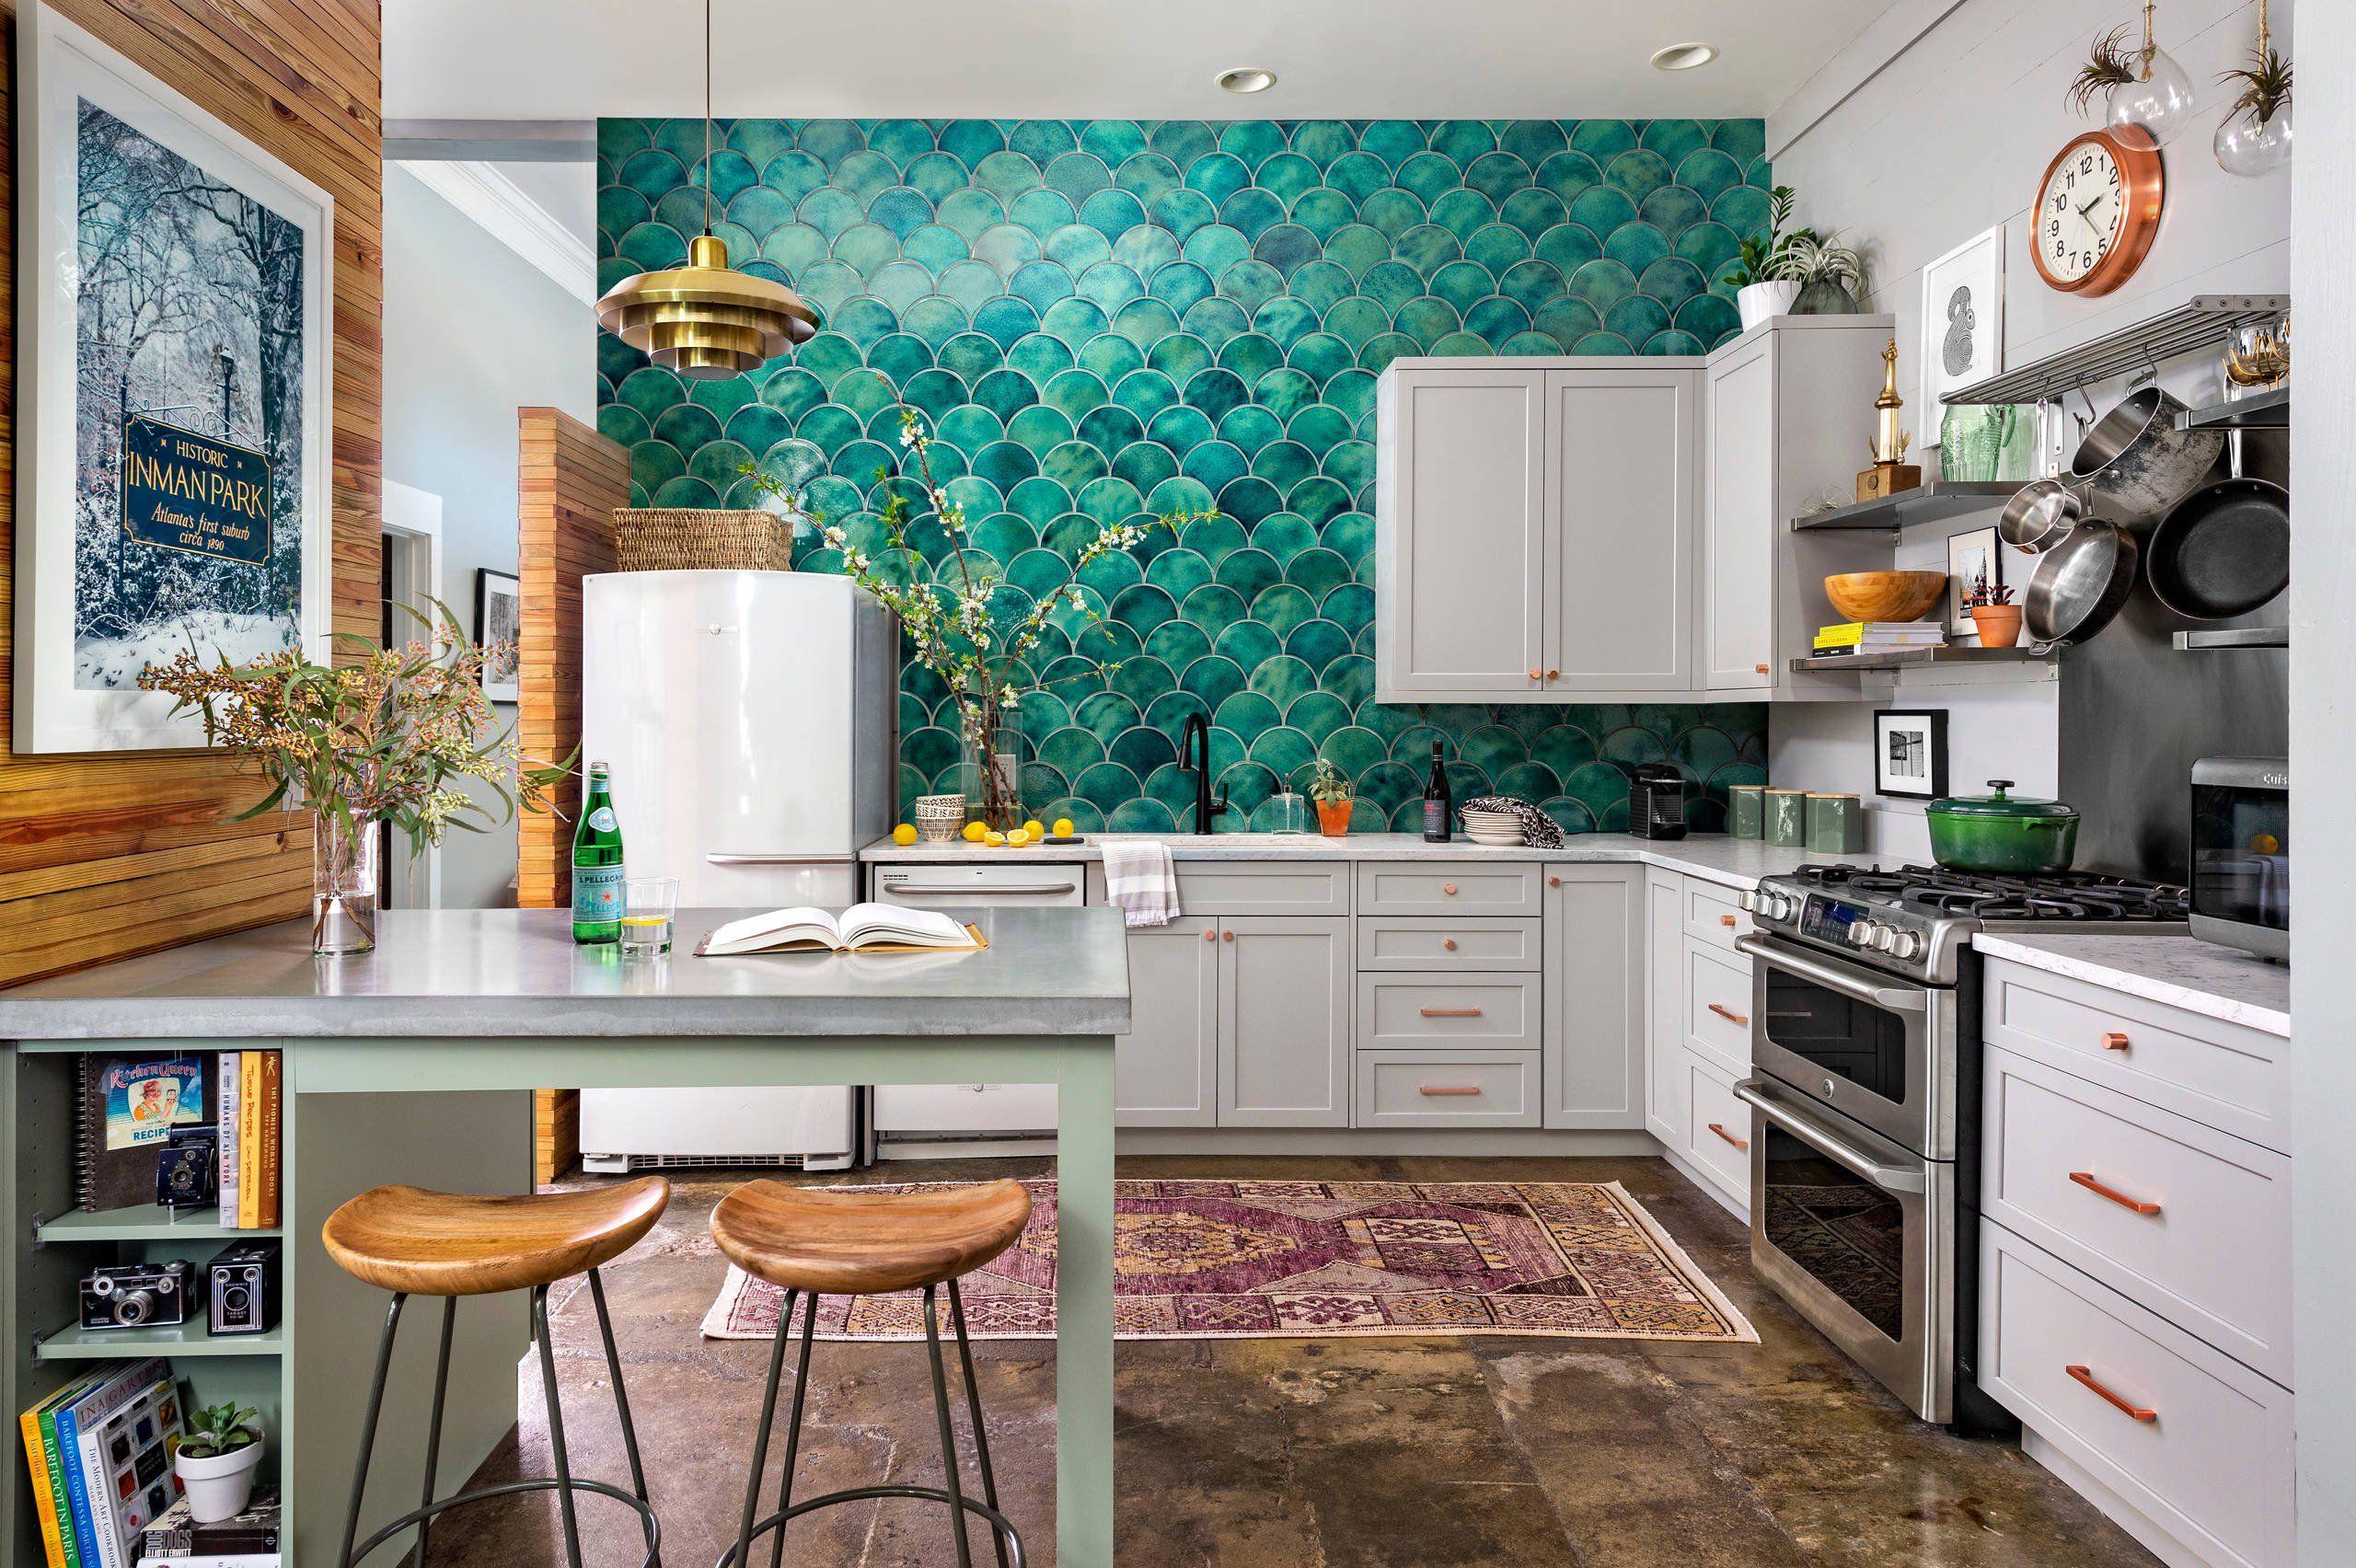 16 Schone Vielseitige Kuchen Interieur Designs Die Sie Blenden